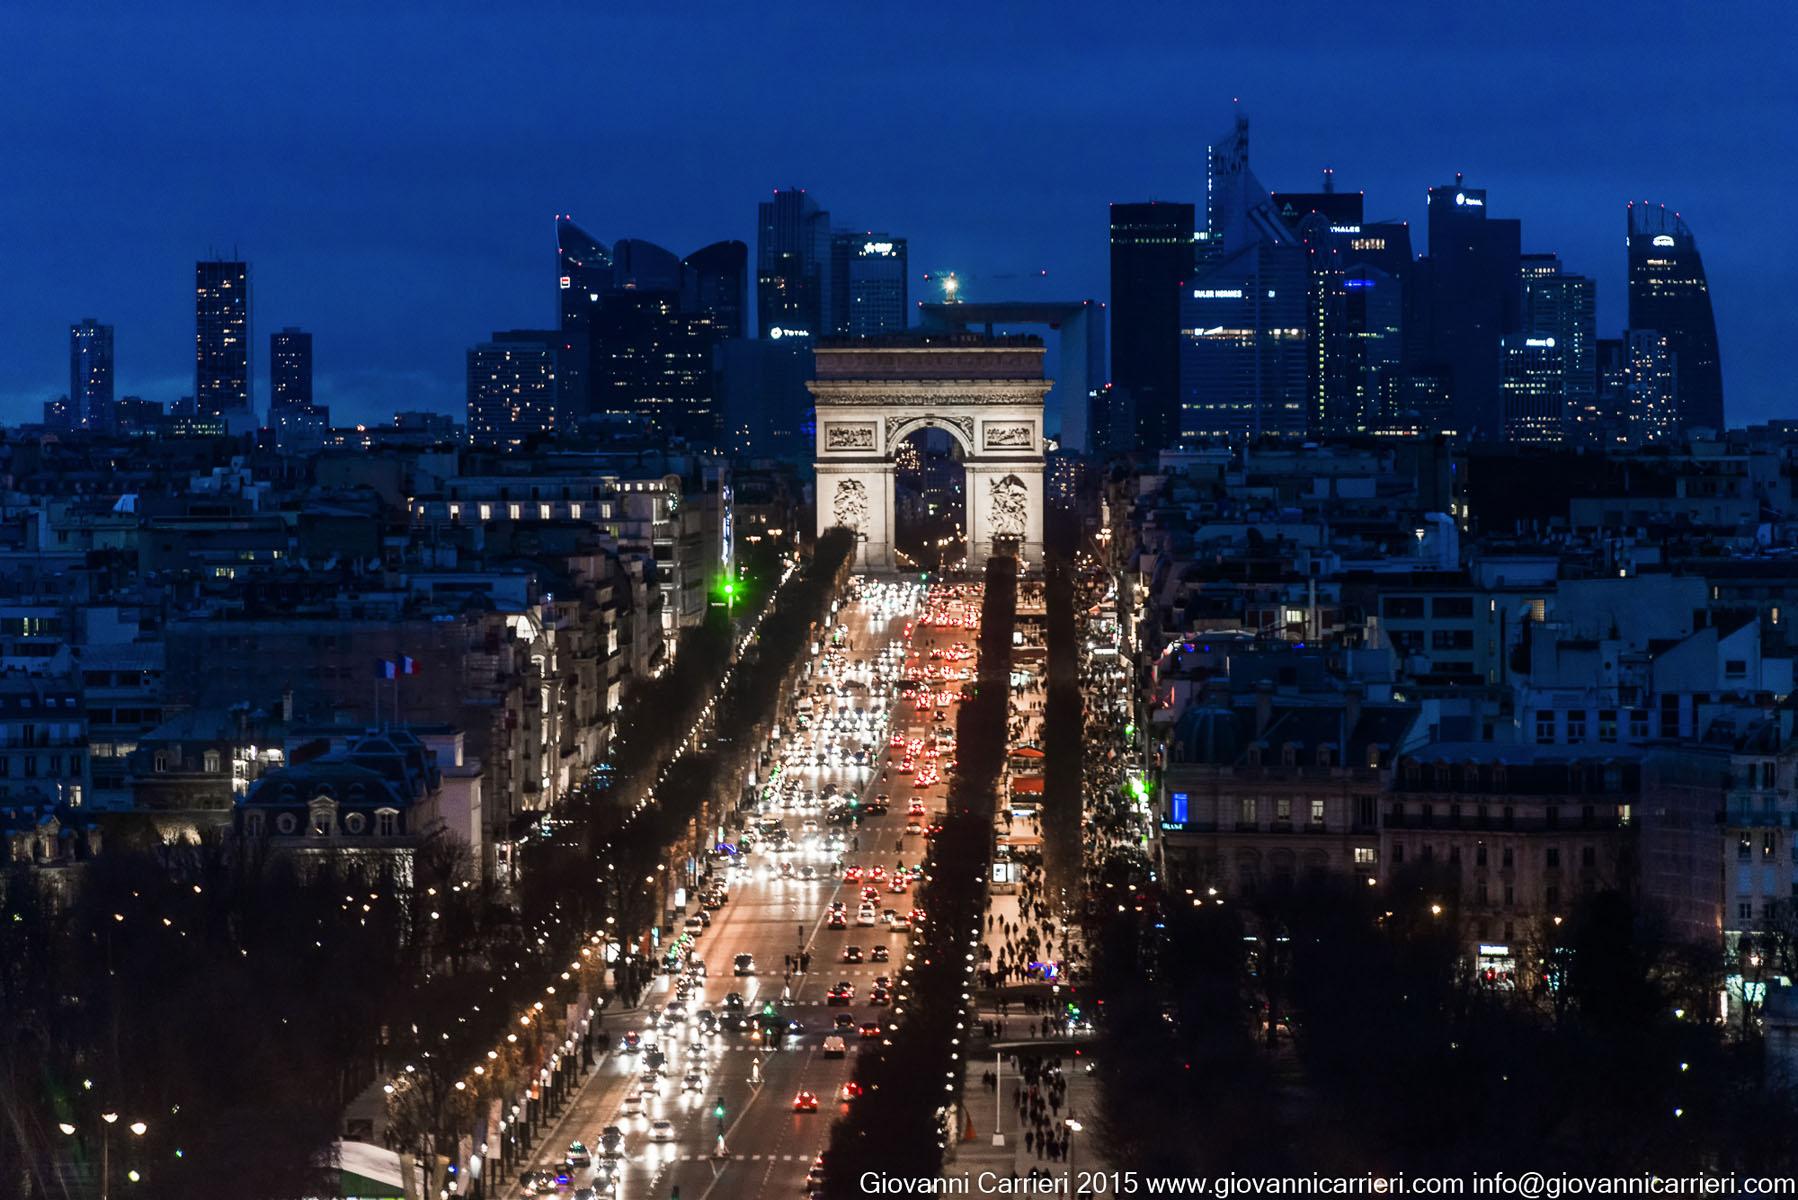 La skyline della Defense e degli Champs-Élysées